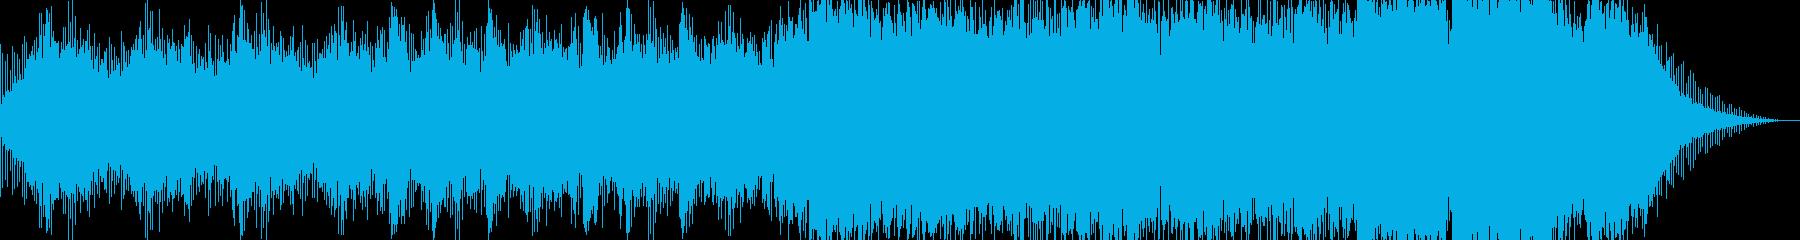 ホラー映画のオープニング風インストの再生済みの波形